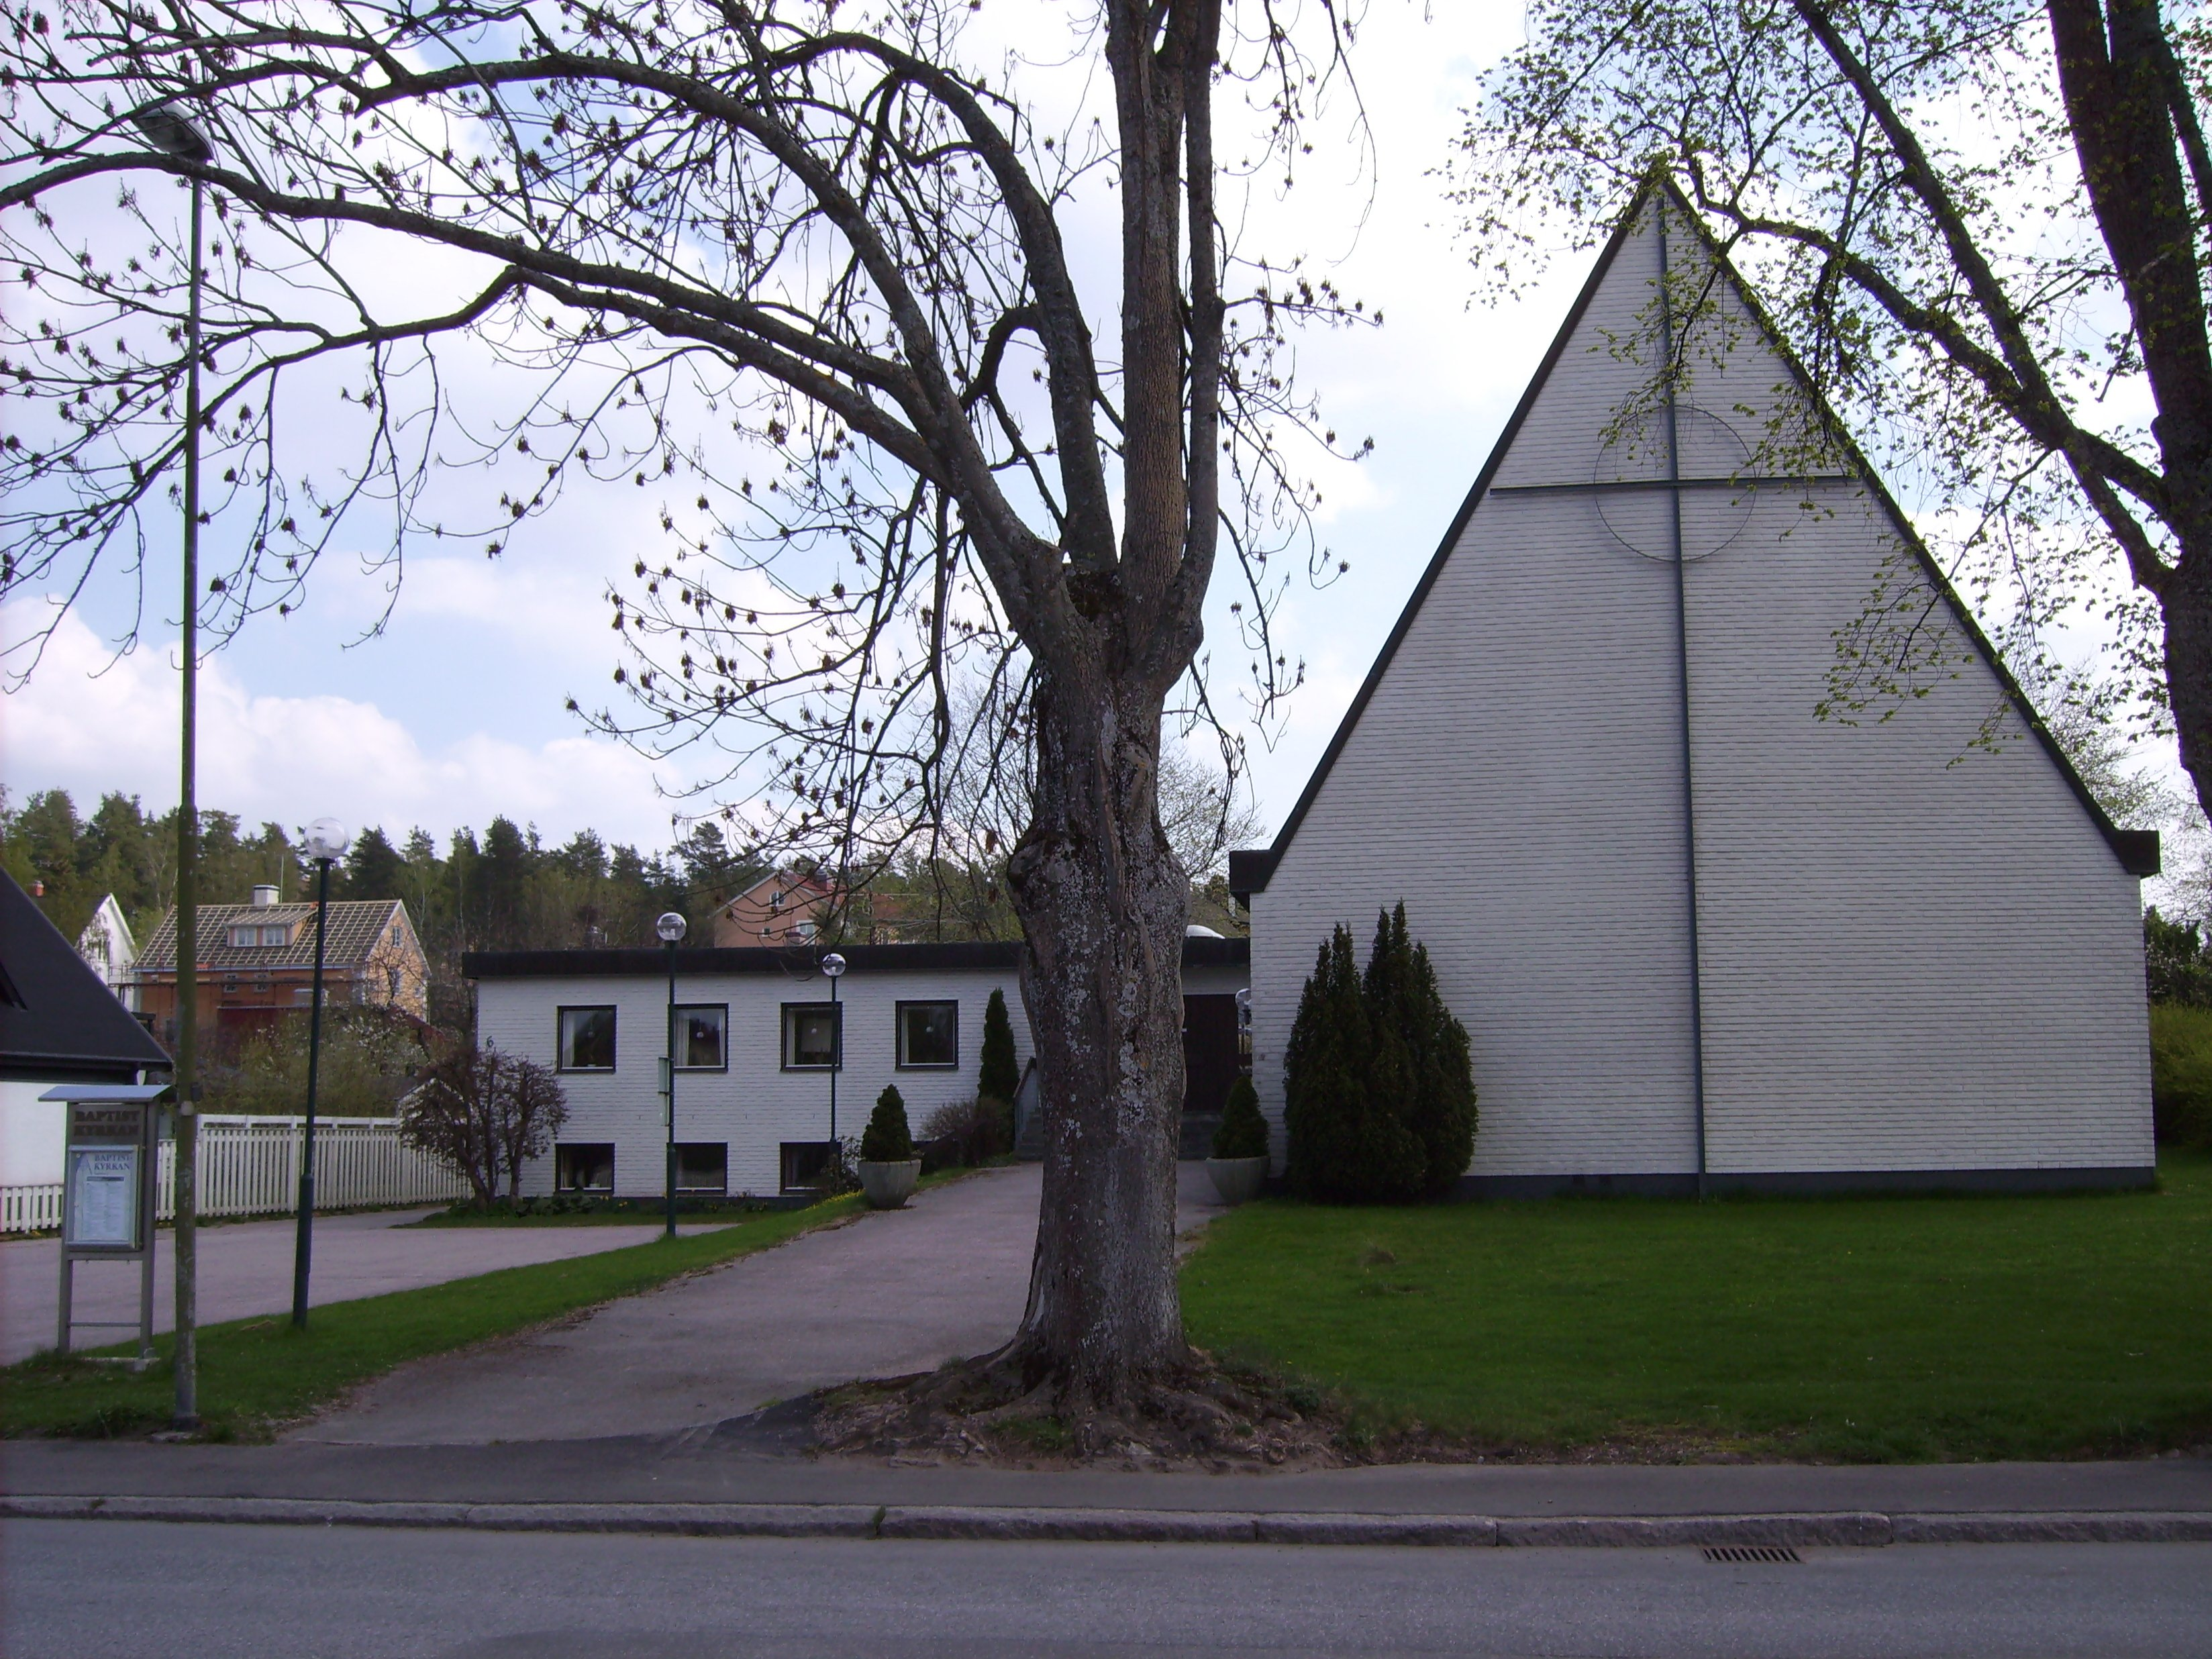 baptistkyrkan